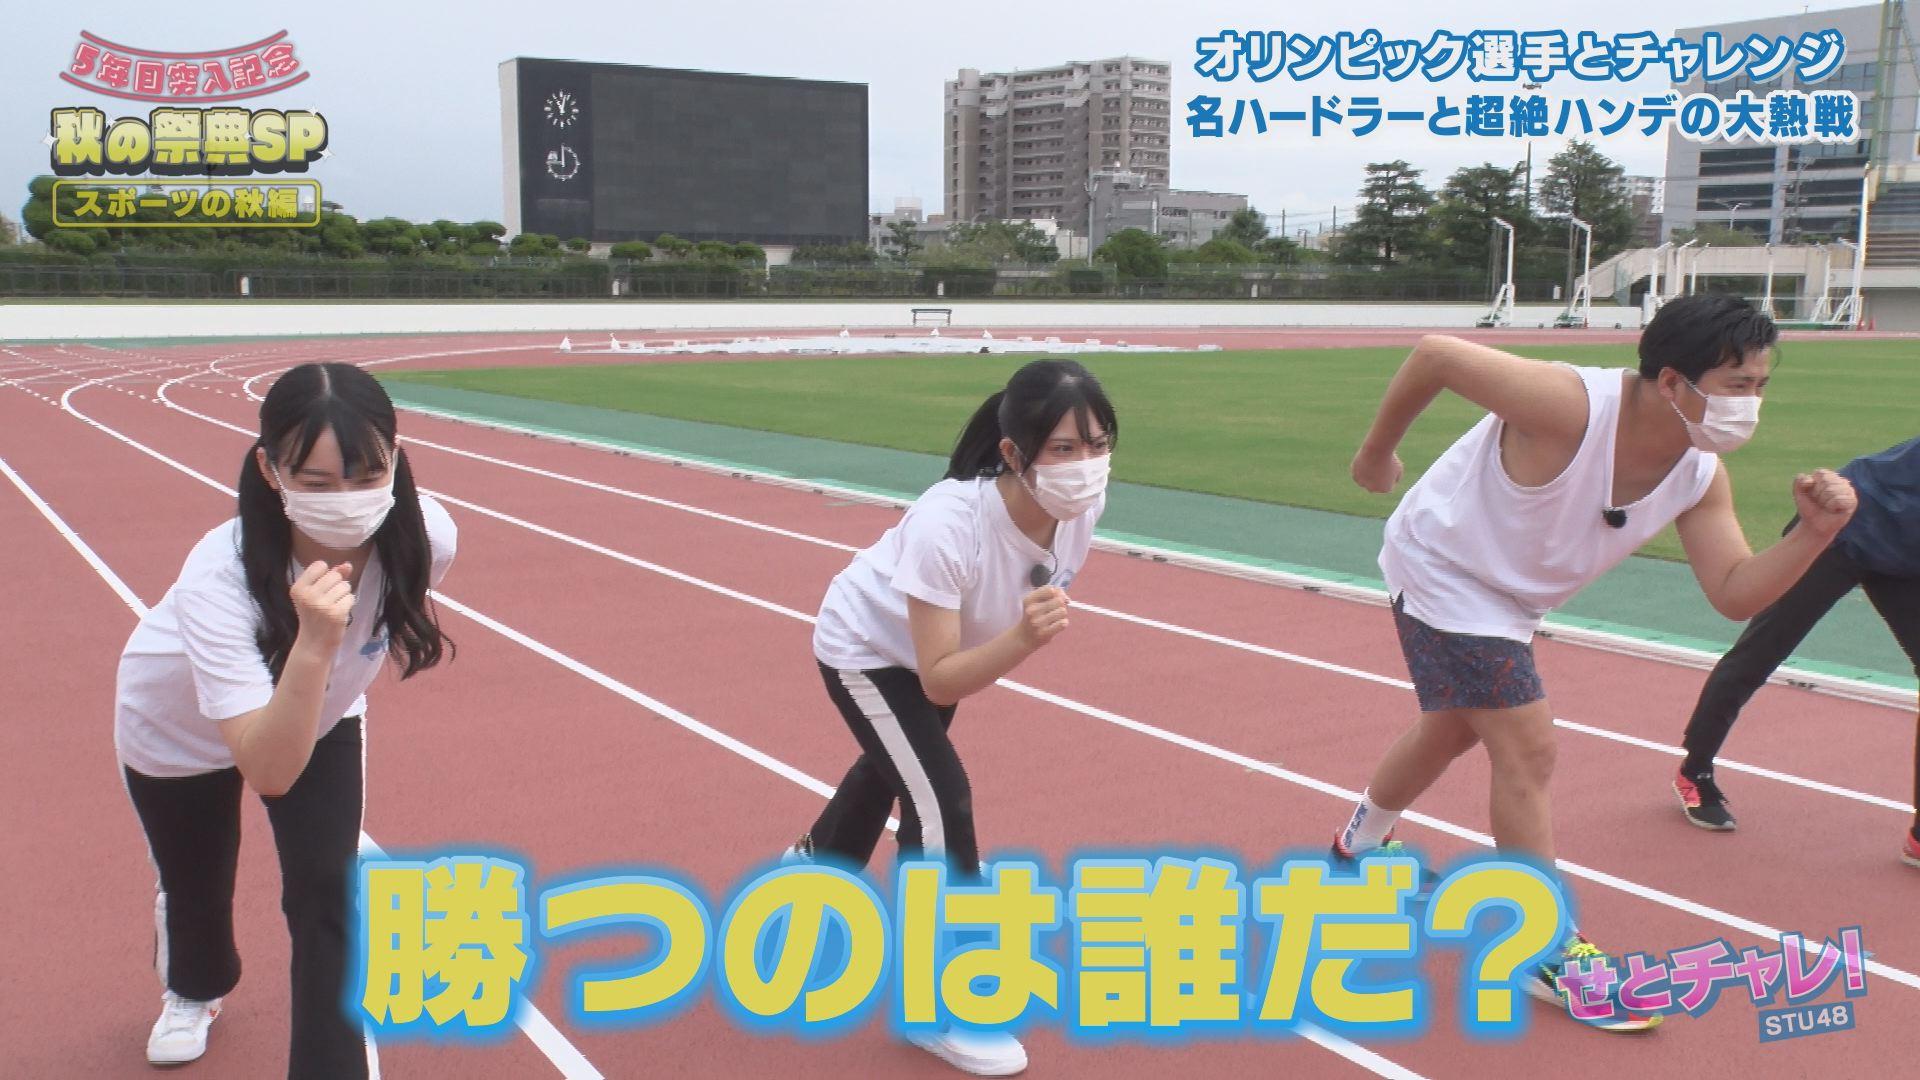 「超絶ハンデ」50mハードル走対決